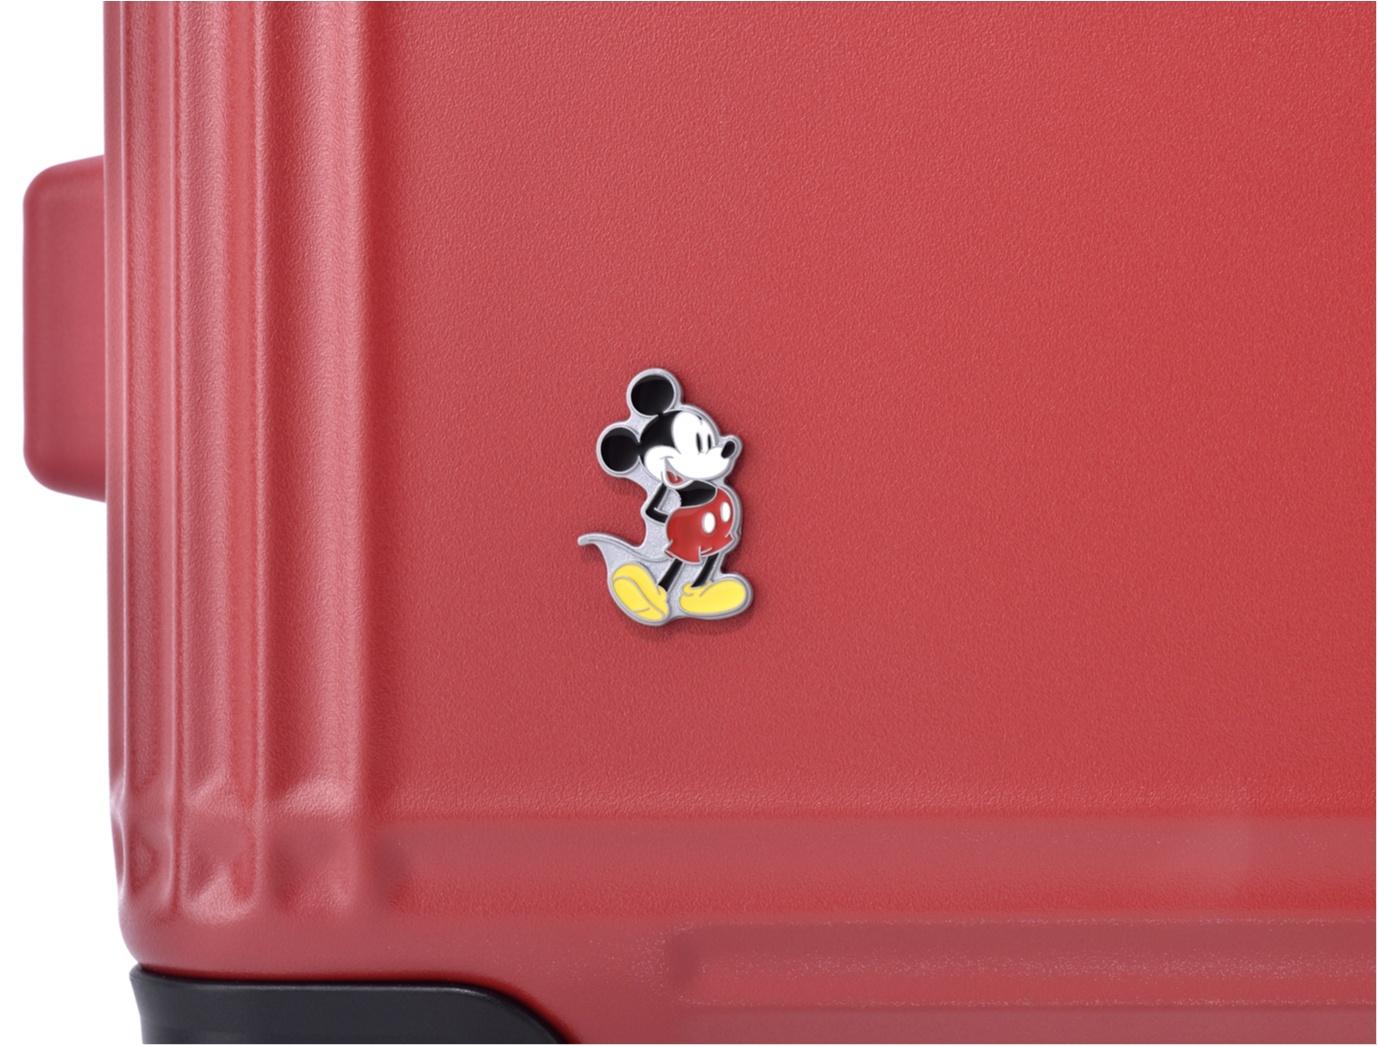 GWの旅行はミッキーマウスを連れて行こう♡ 細部までかわいいスーツケース発売中!_2_2